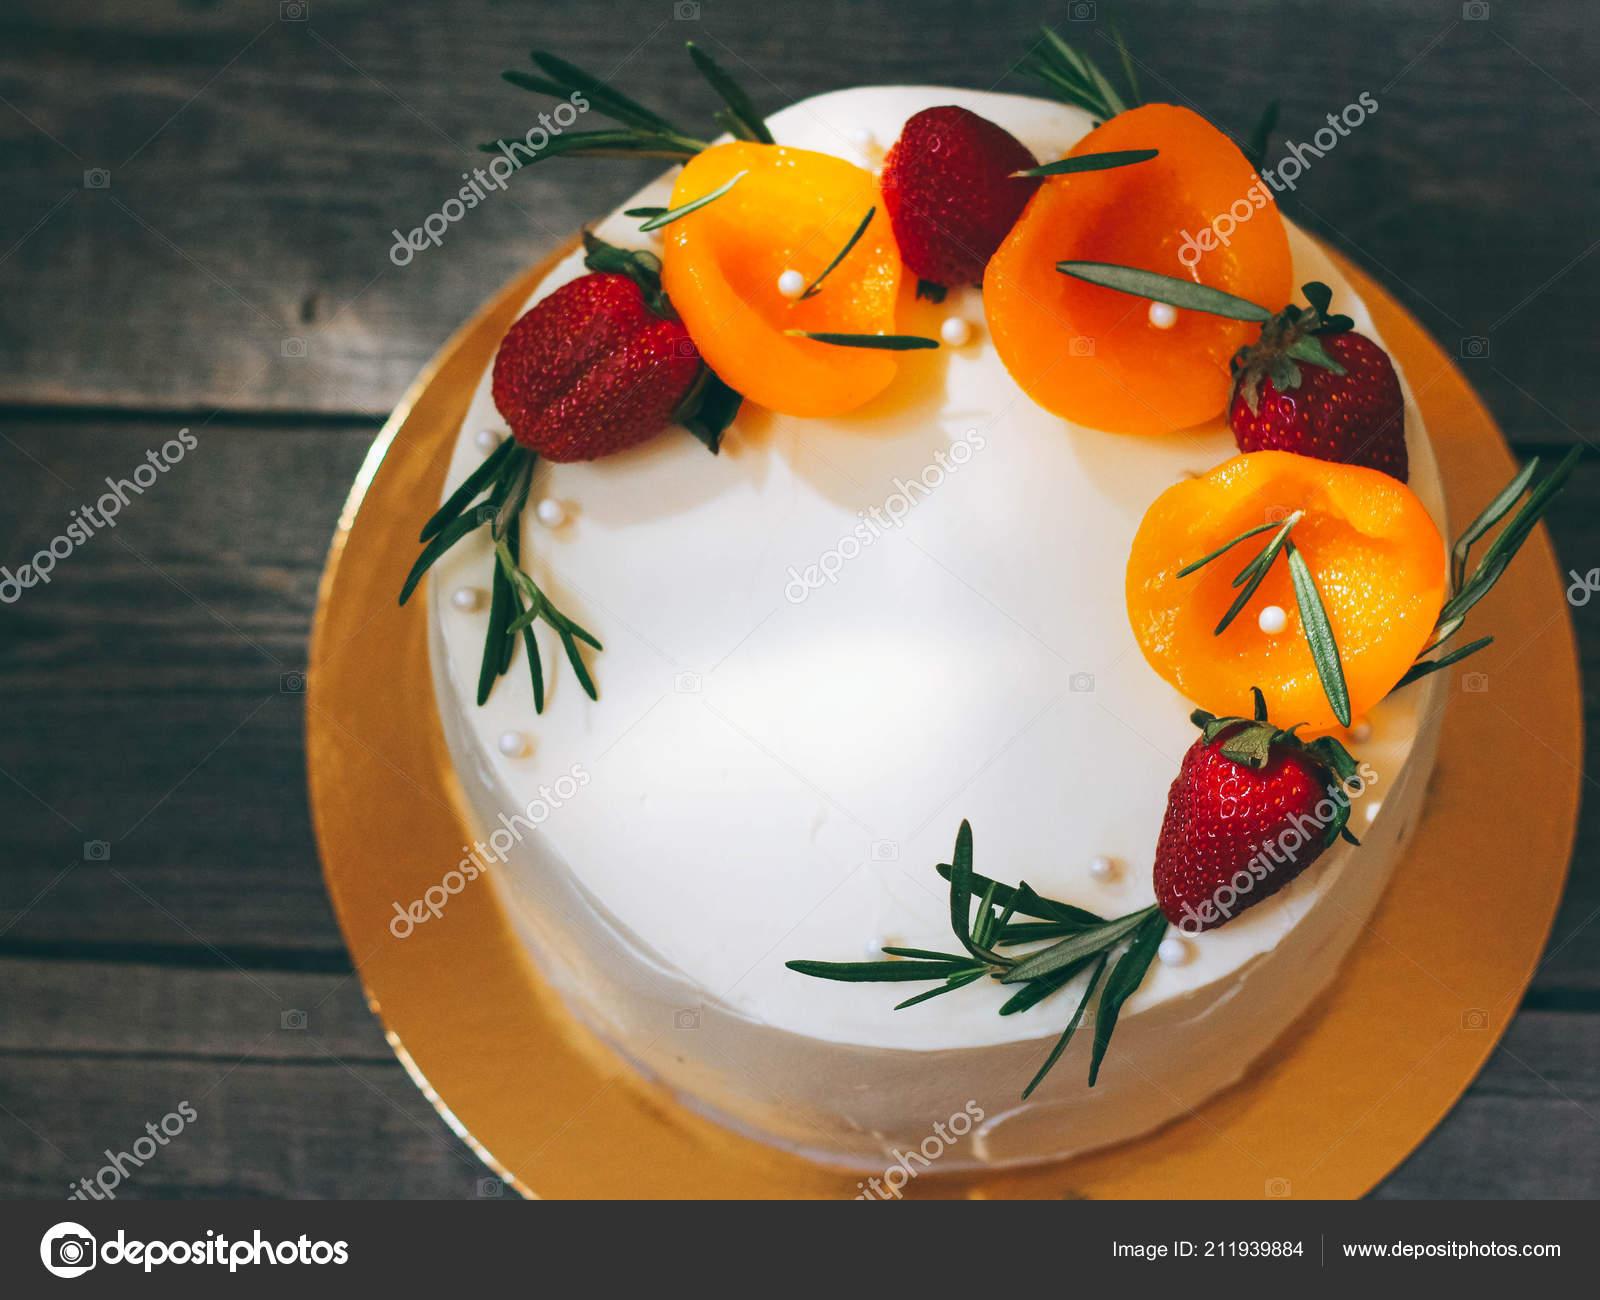 Torta Compleanno Con Crema Burro Decorata Con Fragole Pesche Rosmarino \u2014  Foto Stock